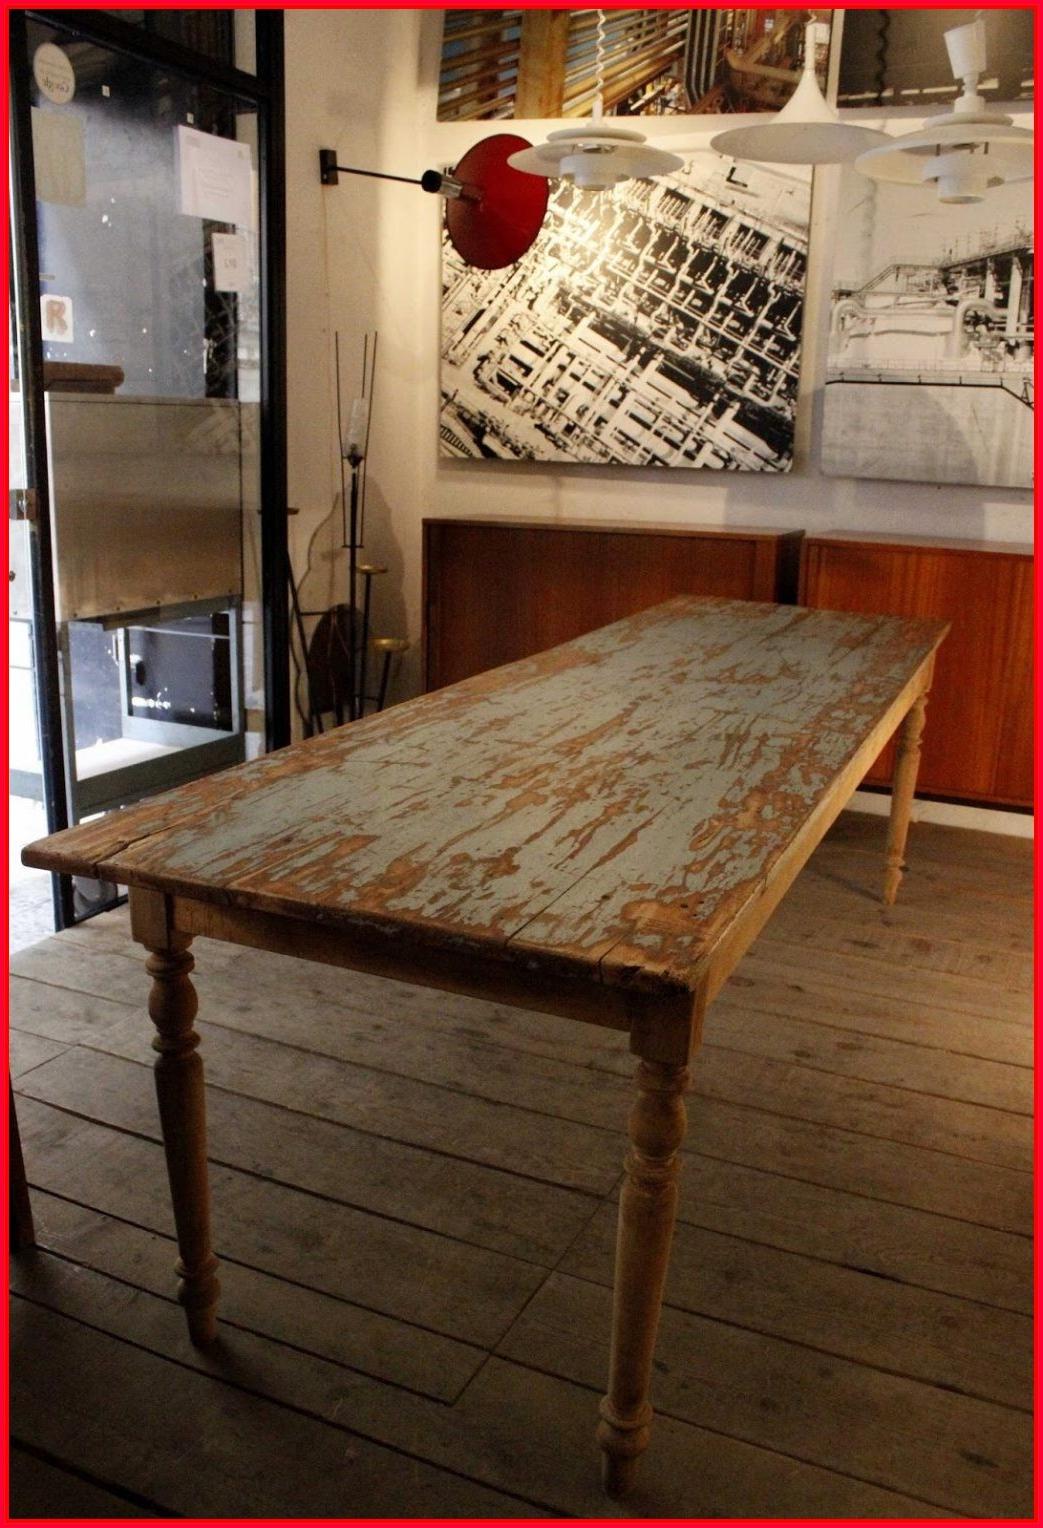 Muebles Antiguos Madrid S5d8 Muebles Antiguos Madrid Vender Muebles Antiguos Madrid Venta